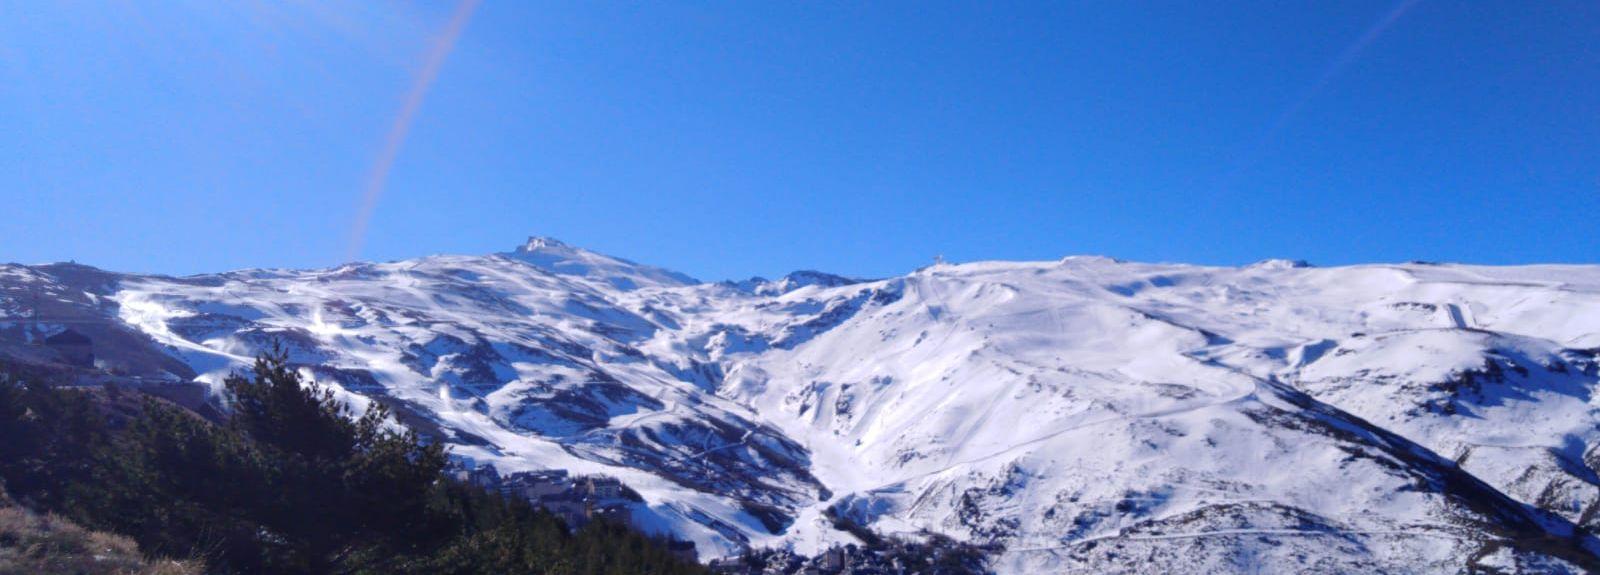 Estación de esquí de Sierra Nevada, Monachil, Andalucía, España